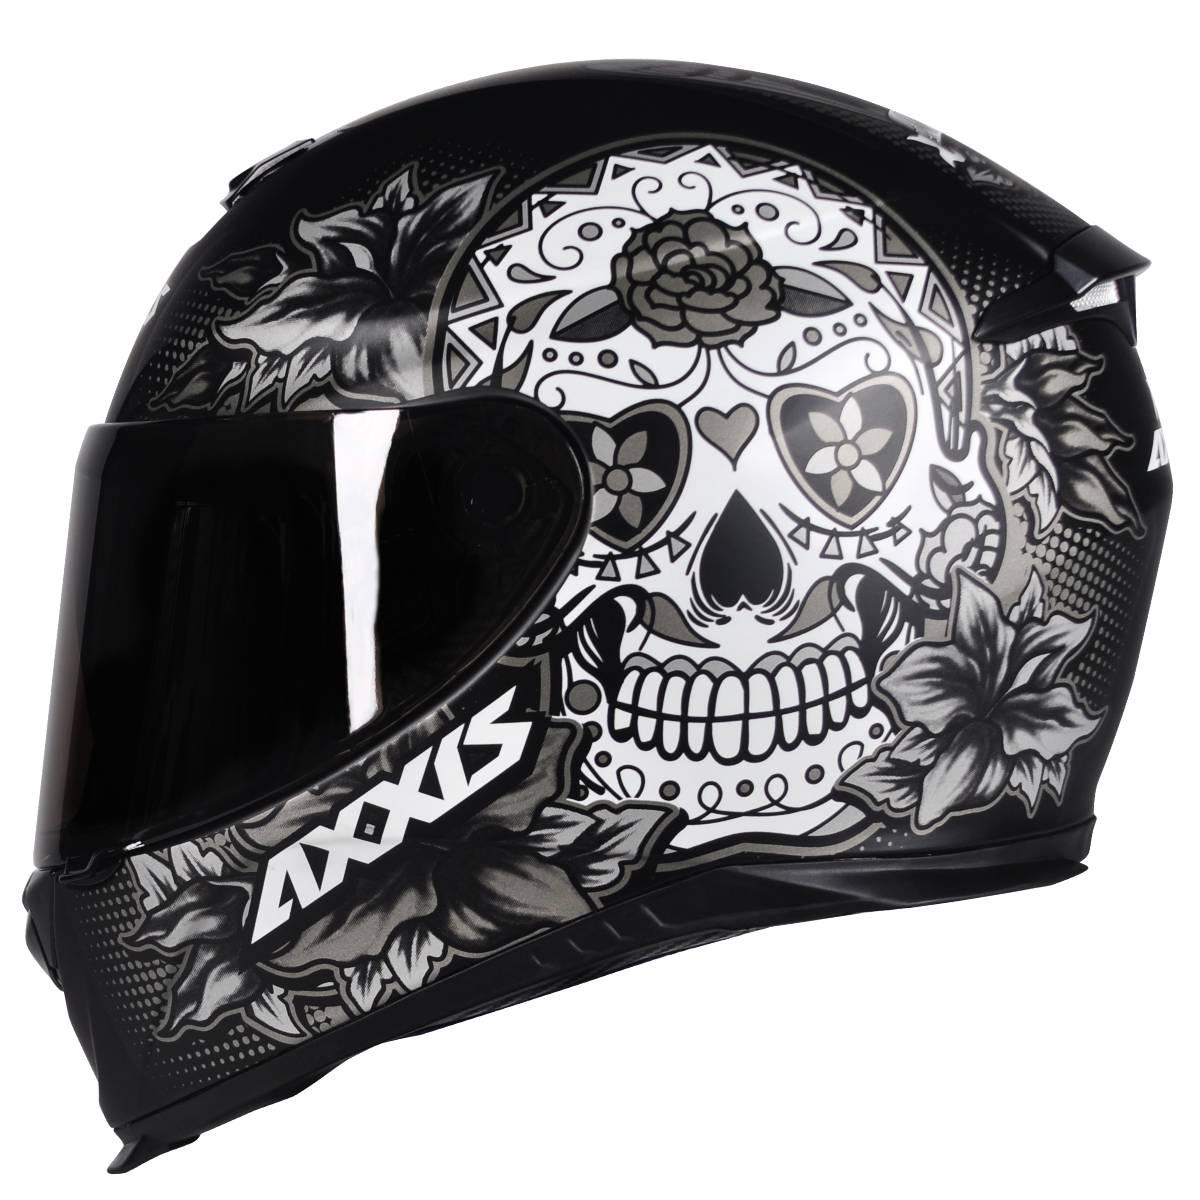 CAPACETE MOTO AXXIS EAGLE SKULL CAVEIRA MEXICANA MATT BLACK/GREY